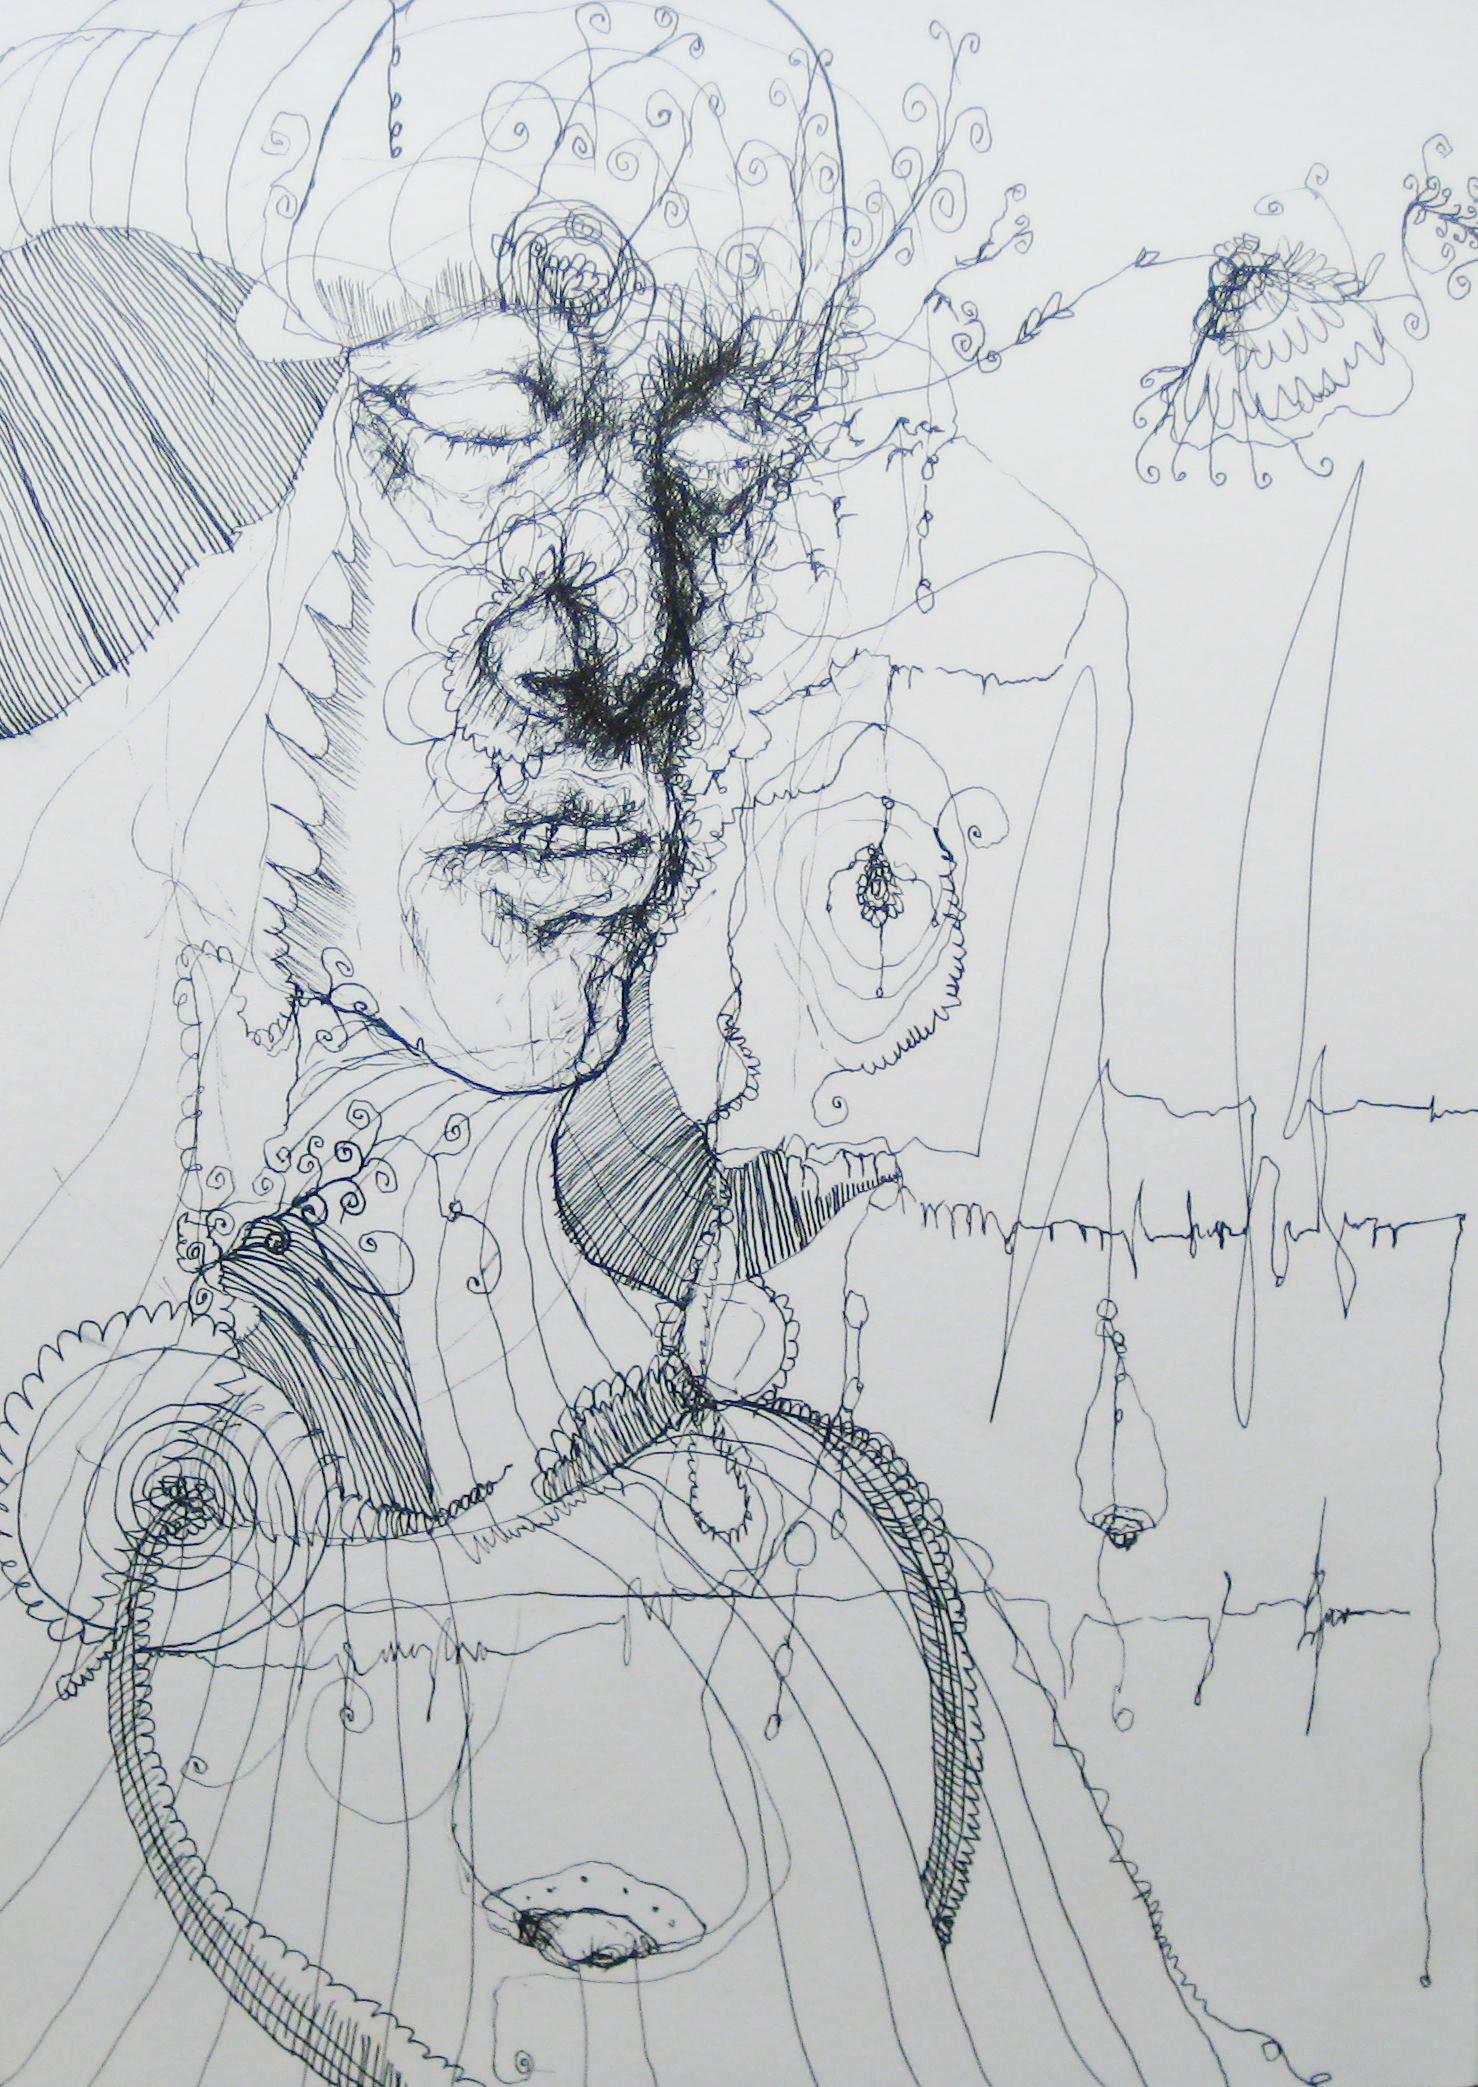 2012-Zeichnung-Sex-57-träumen-brüste-Luisa-Pohlmann-Kunst-Berlin